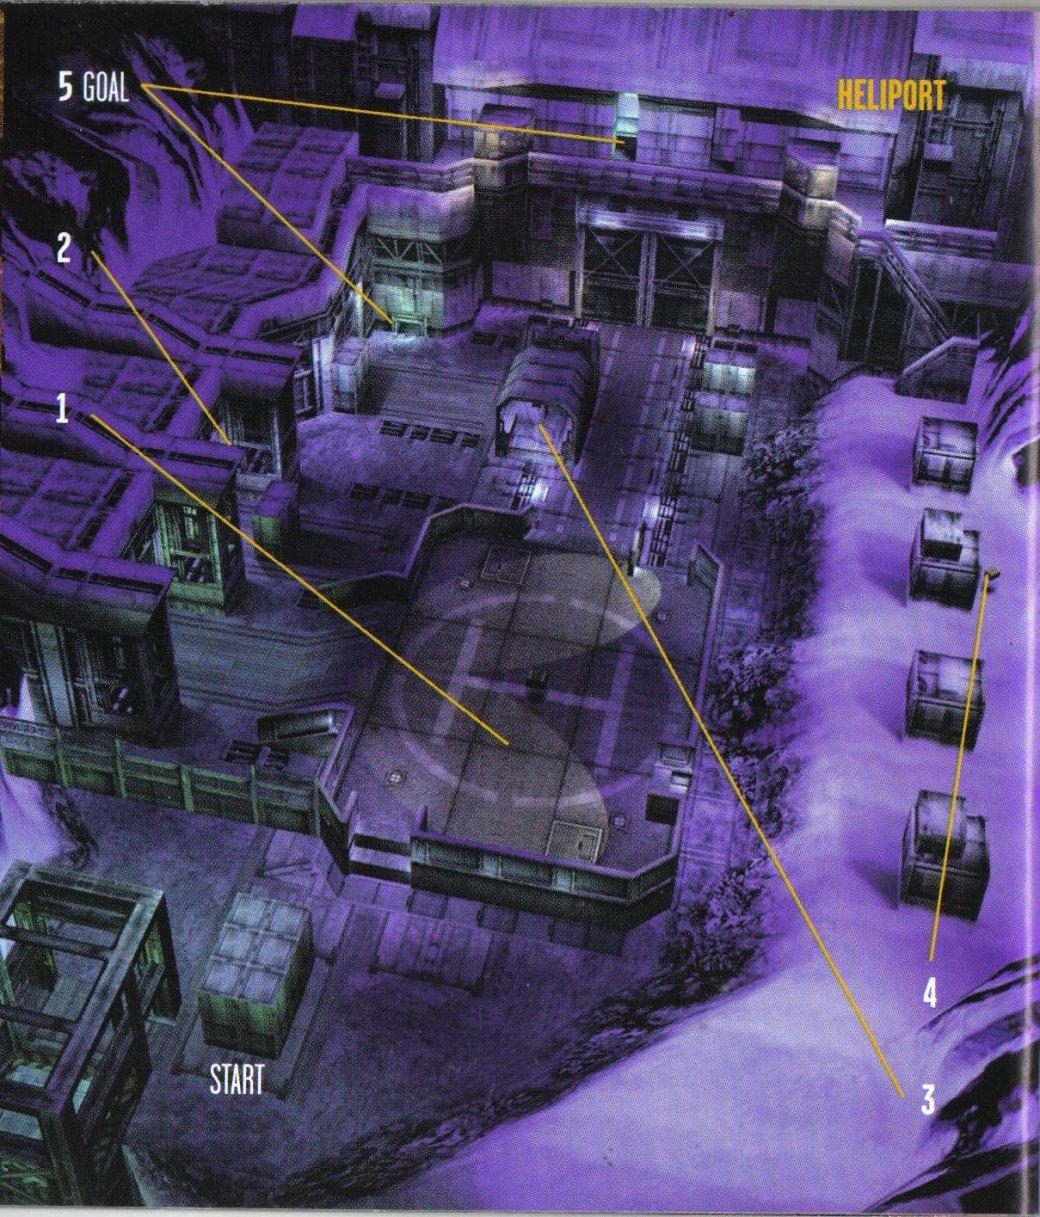 Робинзон Крузо: 10 опасных игровых островов. - Изображение 10